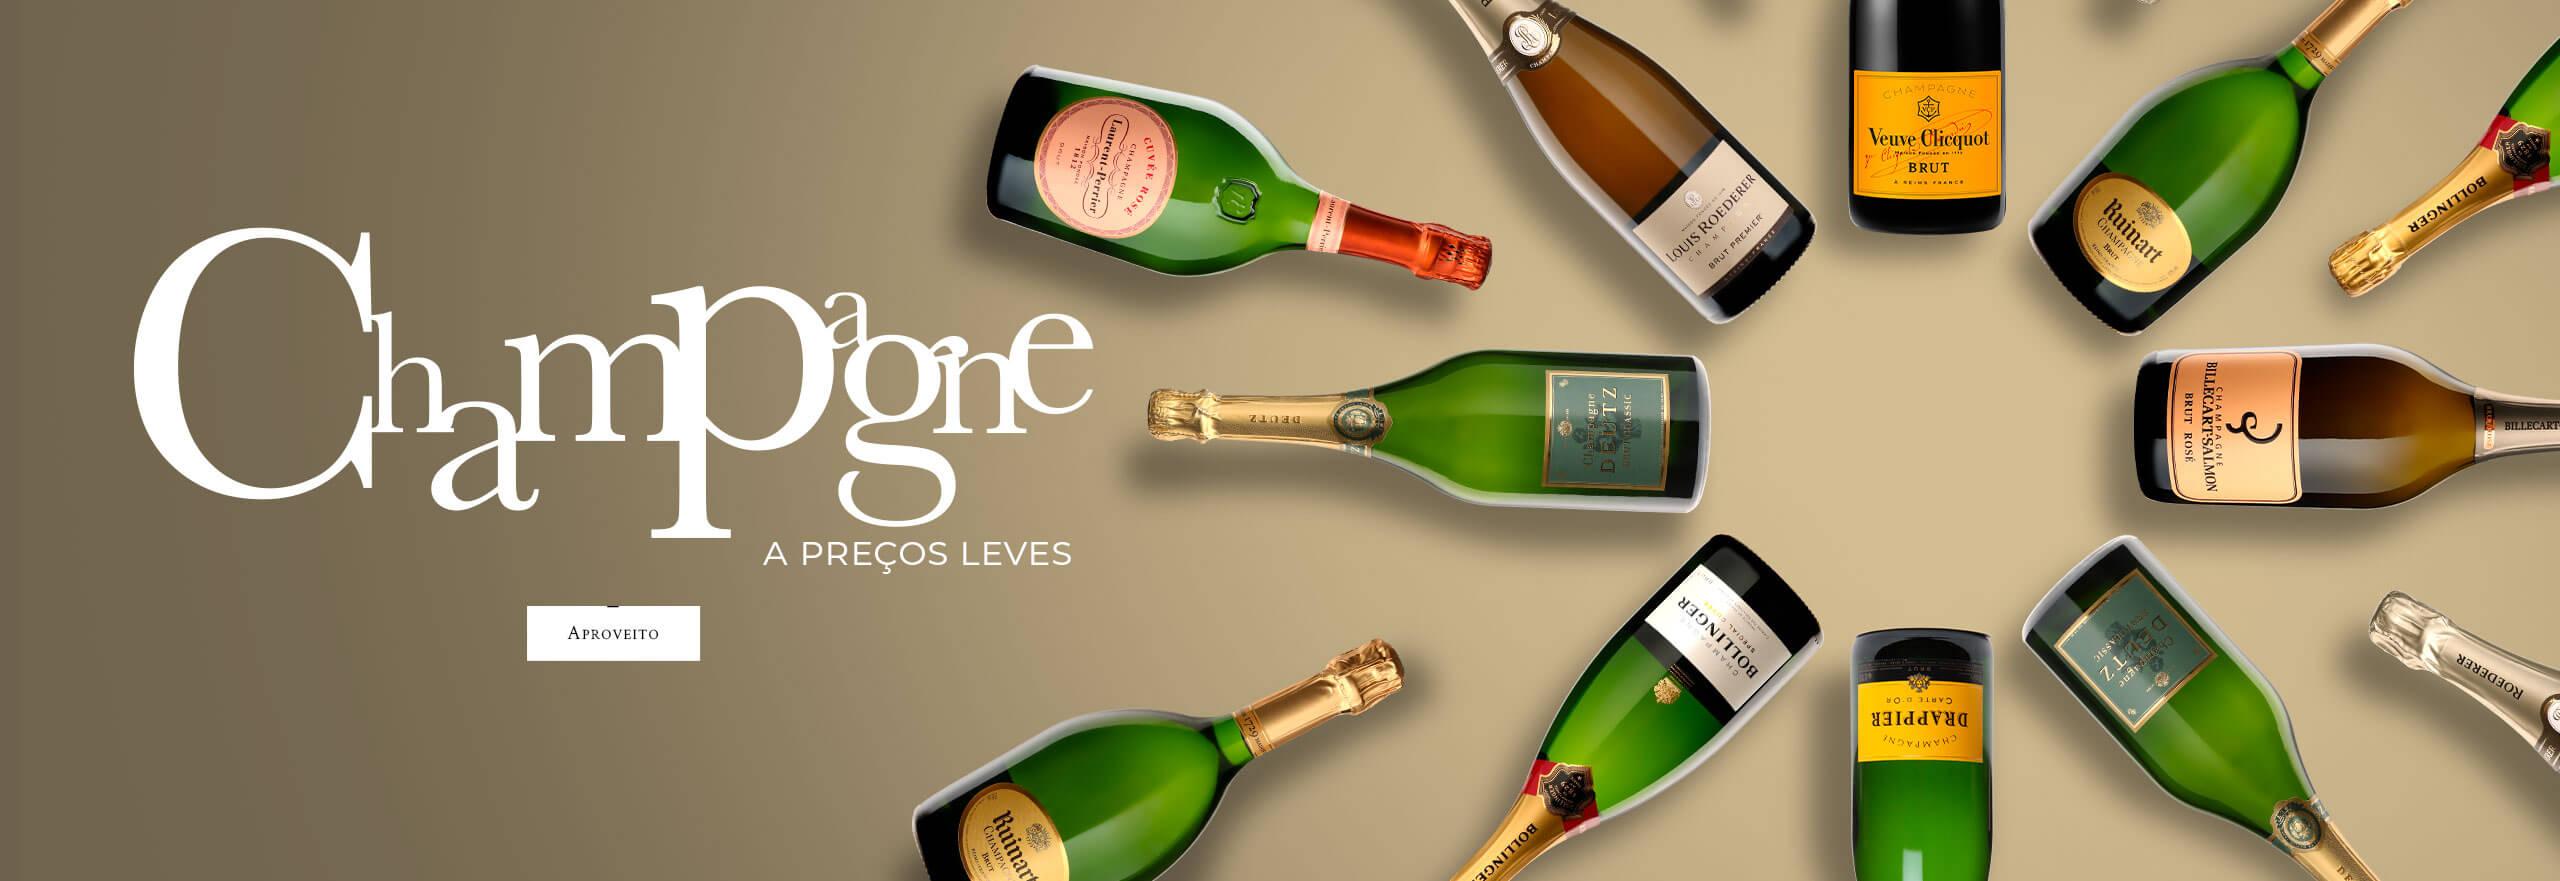 Champanhe com preço reduzido